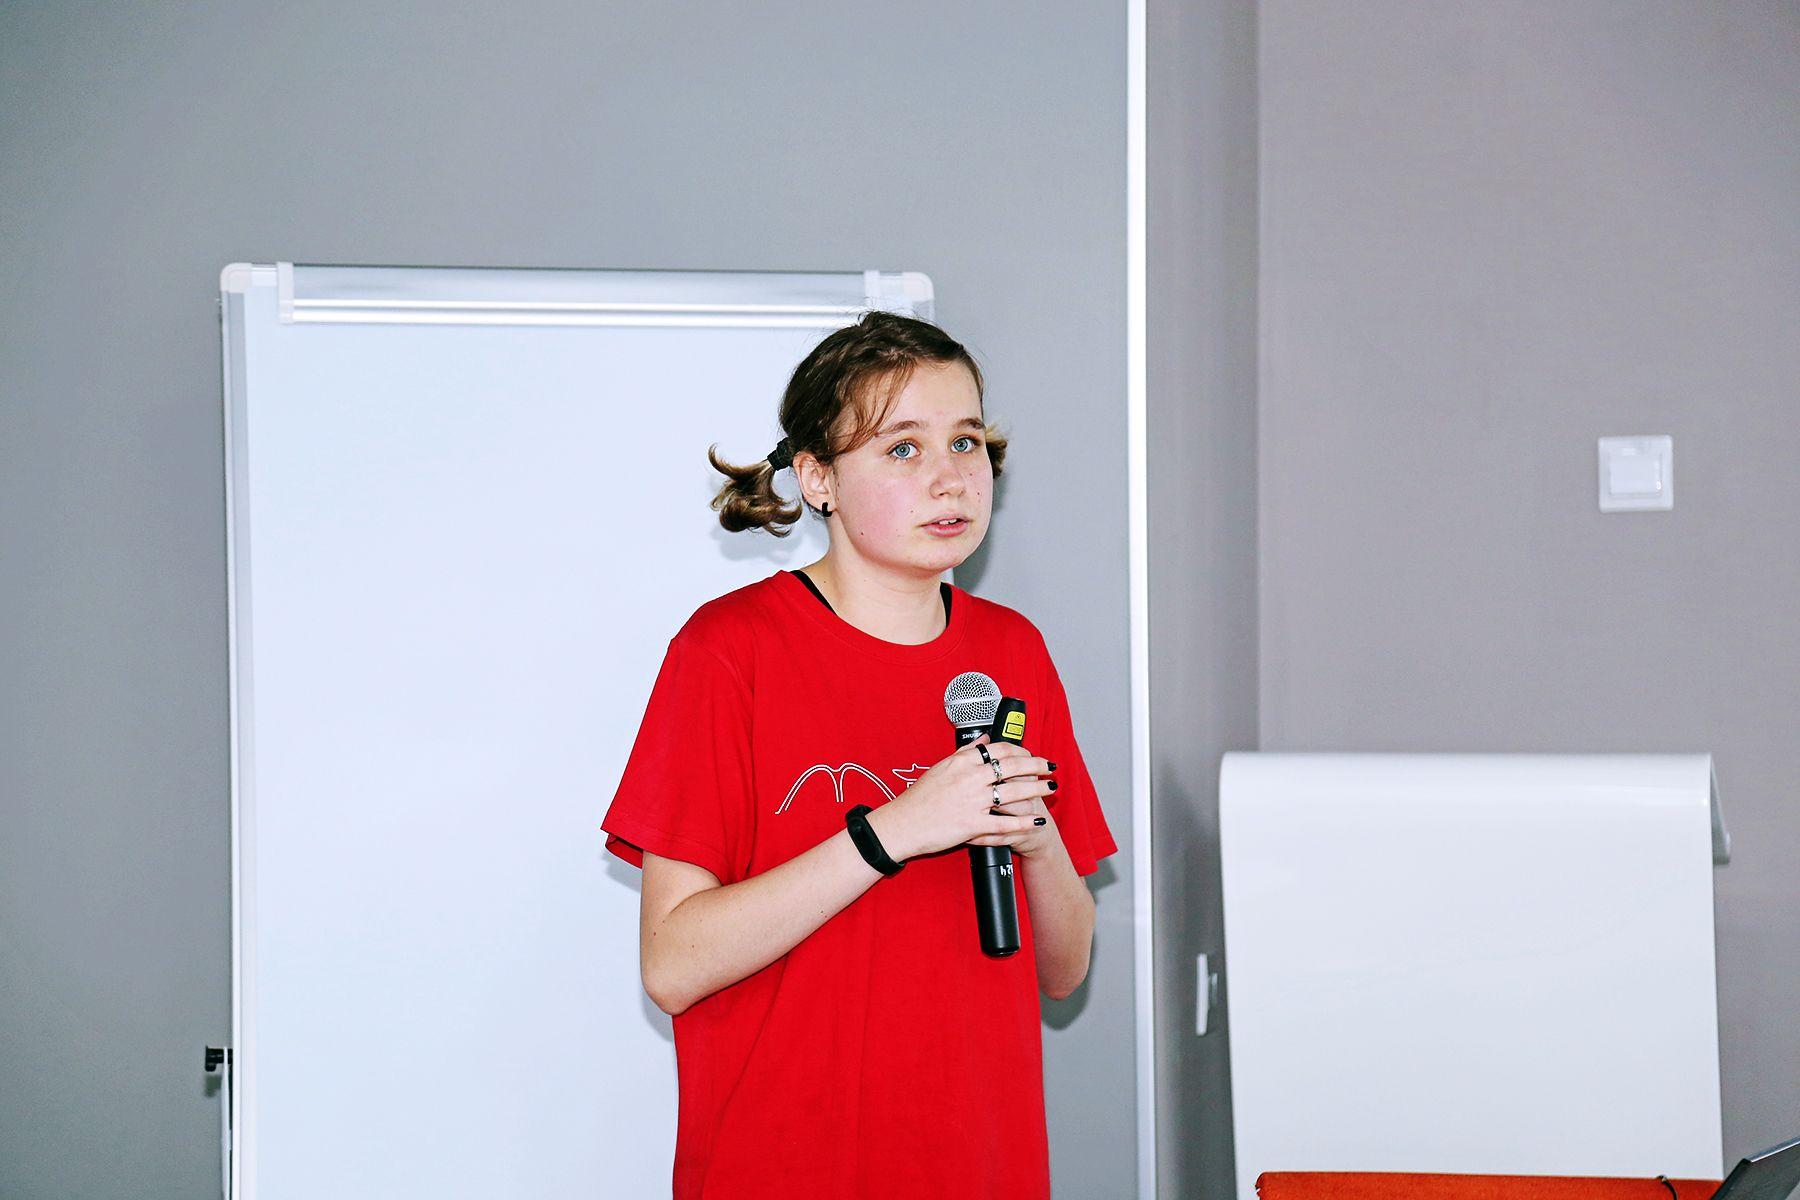 Во ВГУЭС студентка Шанхайского транспортного университета Елизавета Харитонова поделилась опытом работы в инновационной системе организации учебного процесса и международными методами оценки учащихся